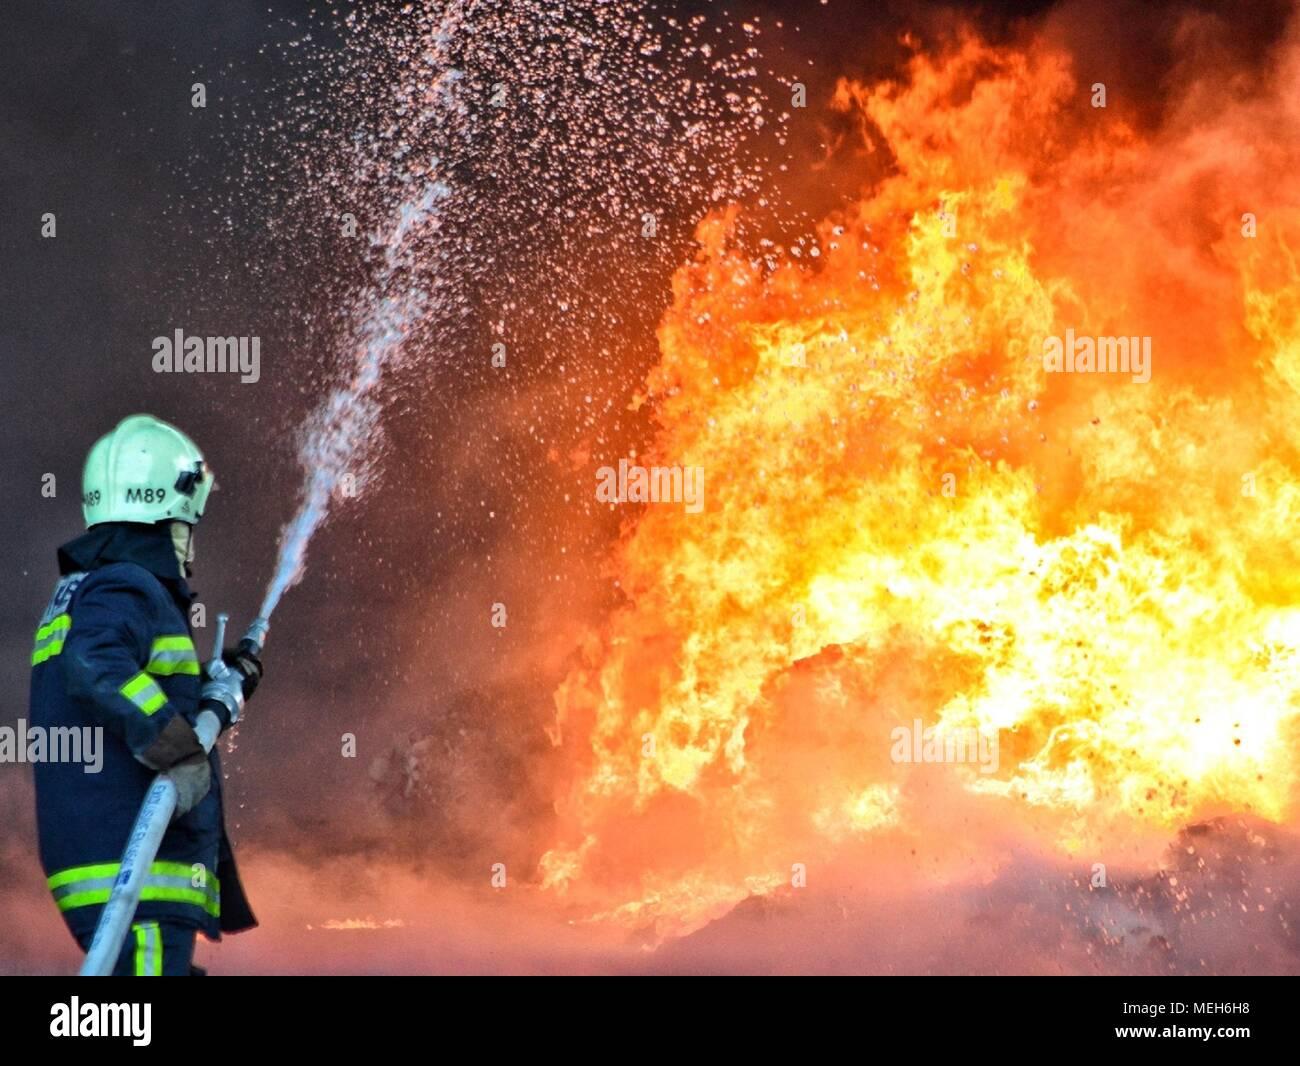 La lutte avec les pompiers, secours incendie Incendie à la survivante. D'énormes flammes brûlé une entreprise de recyclage à Tirana, l'extinction d'incendie pompier Photo Stock